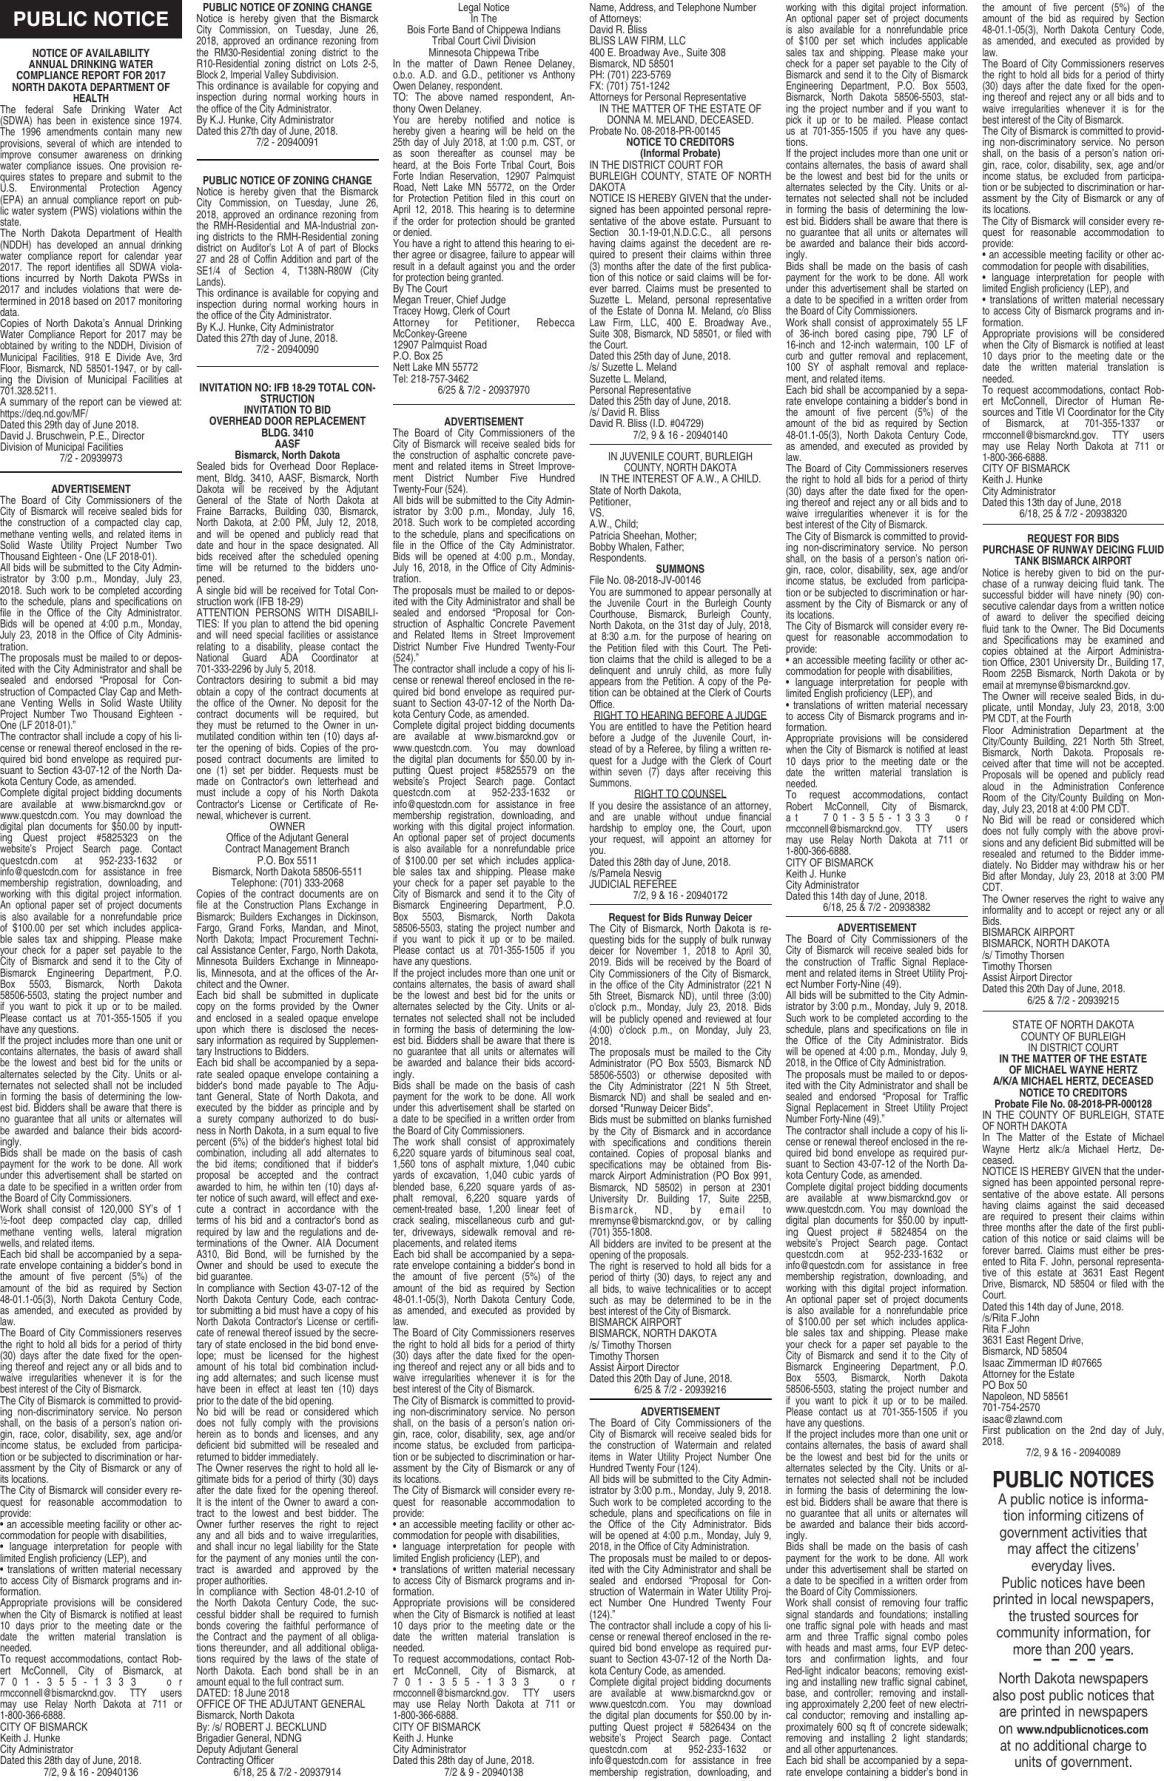 Legals - July 2, 108